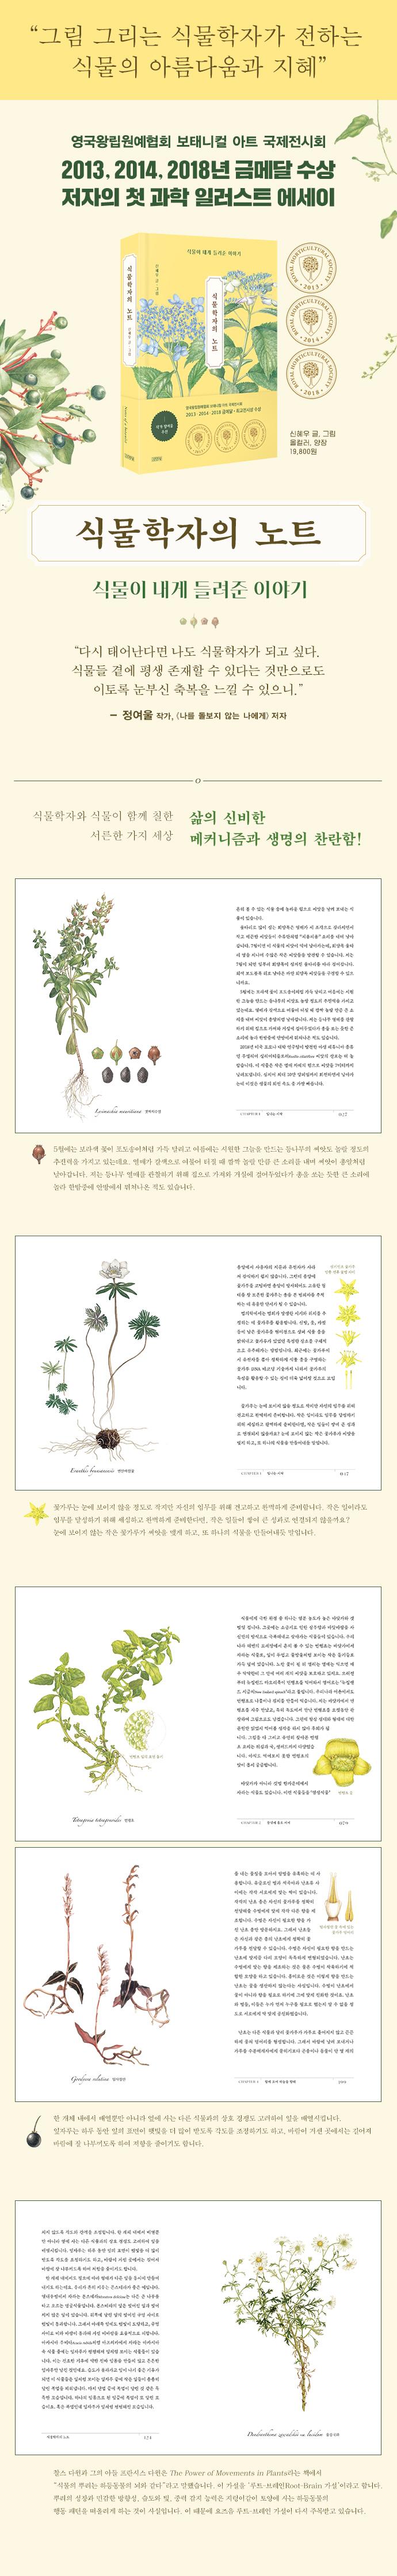 식물학자의 노트(양장본 HardCover) 도서 상세이미지